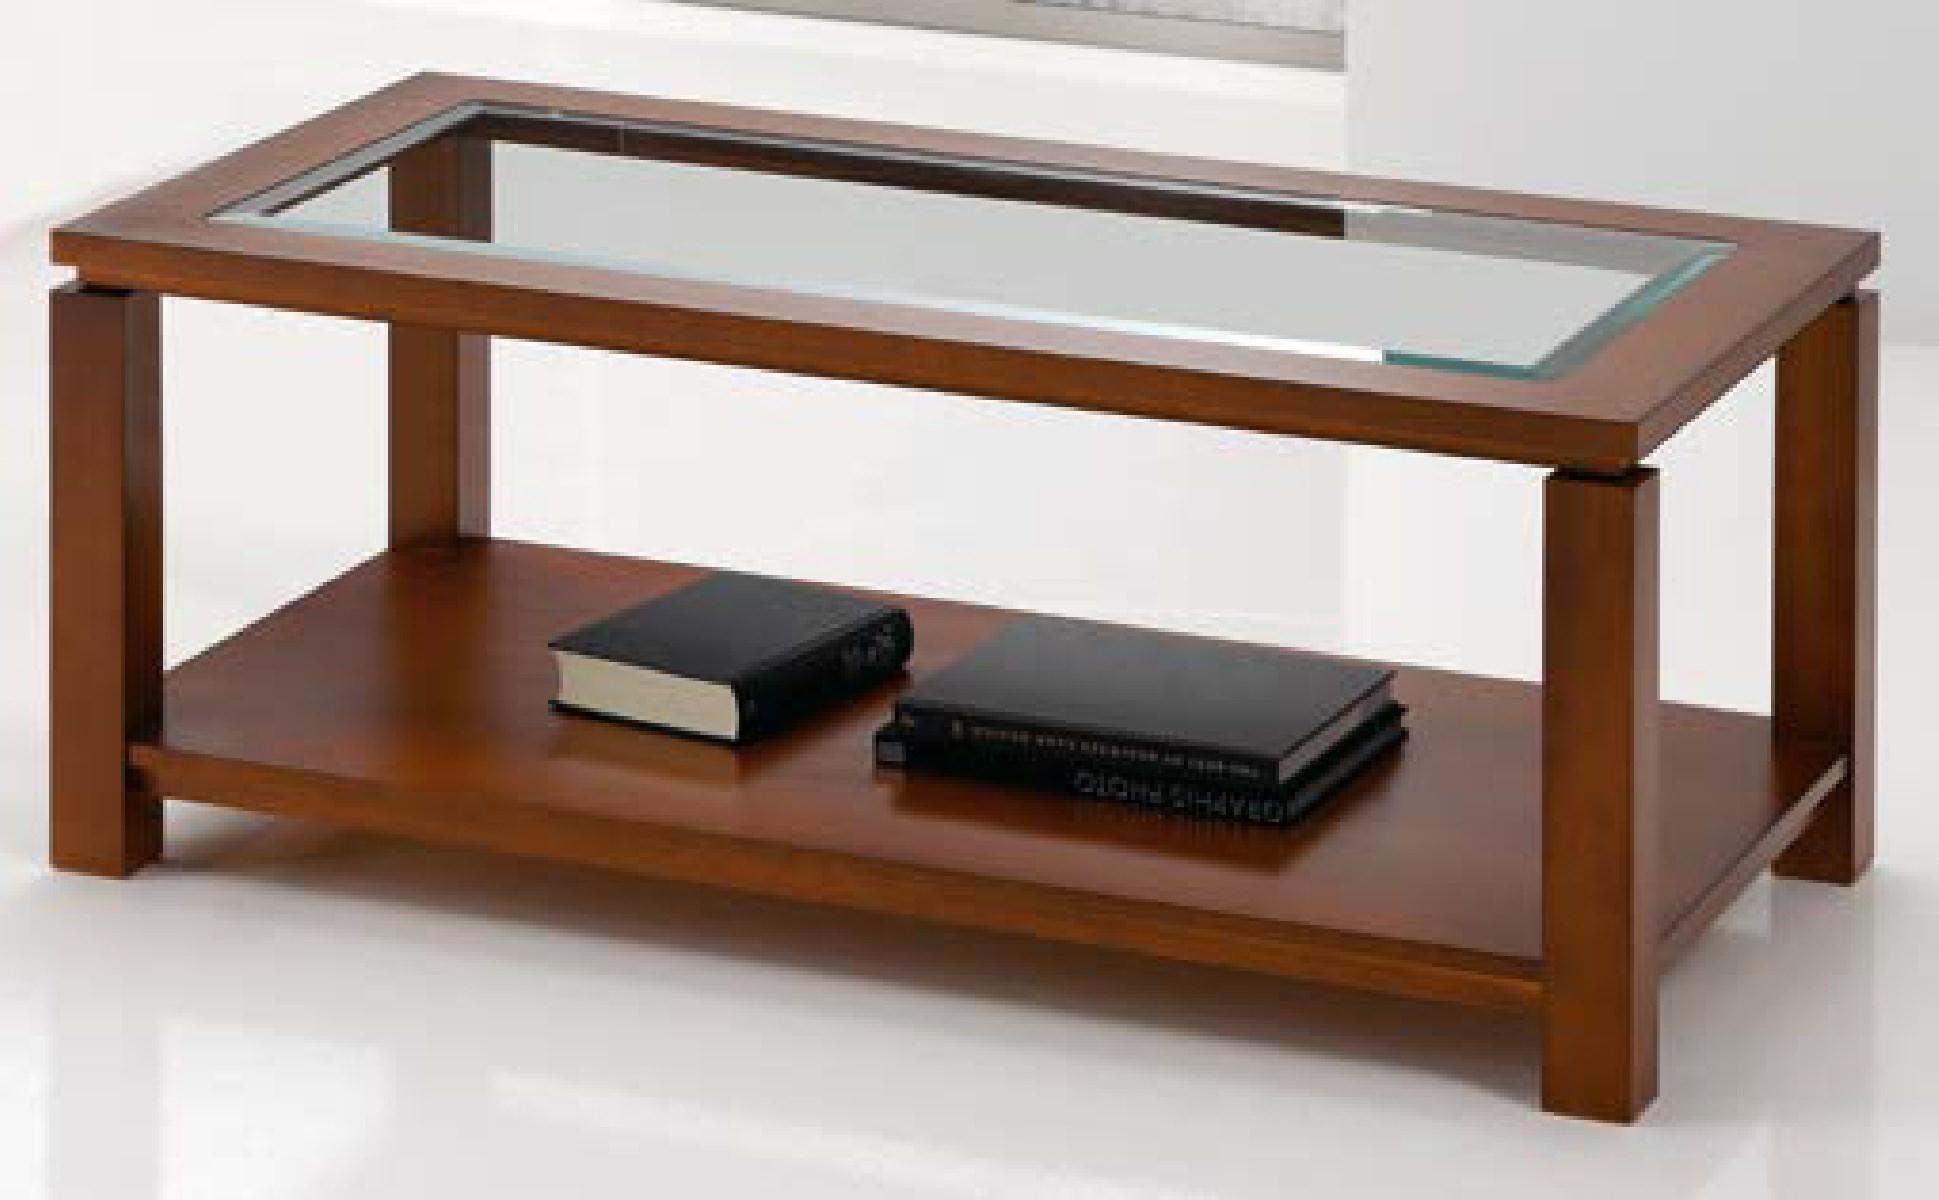 Журнальный стол прямоугольный 44 Disemobel